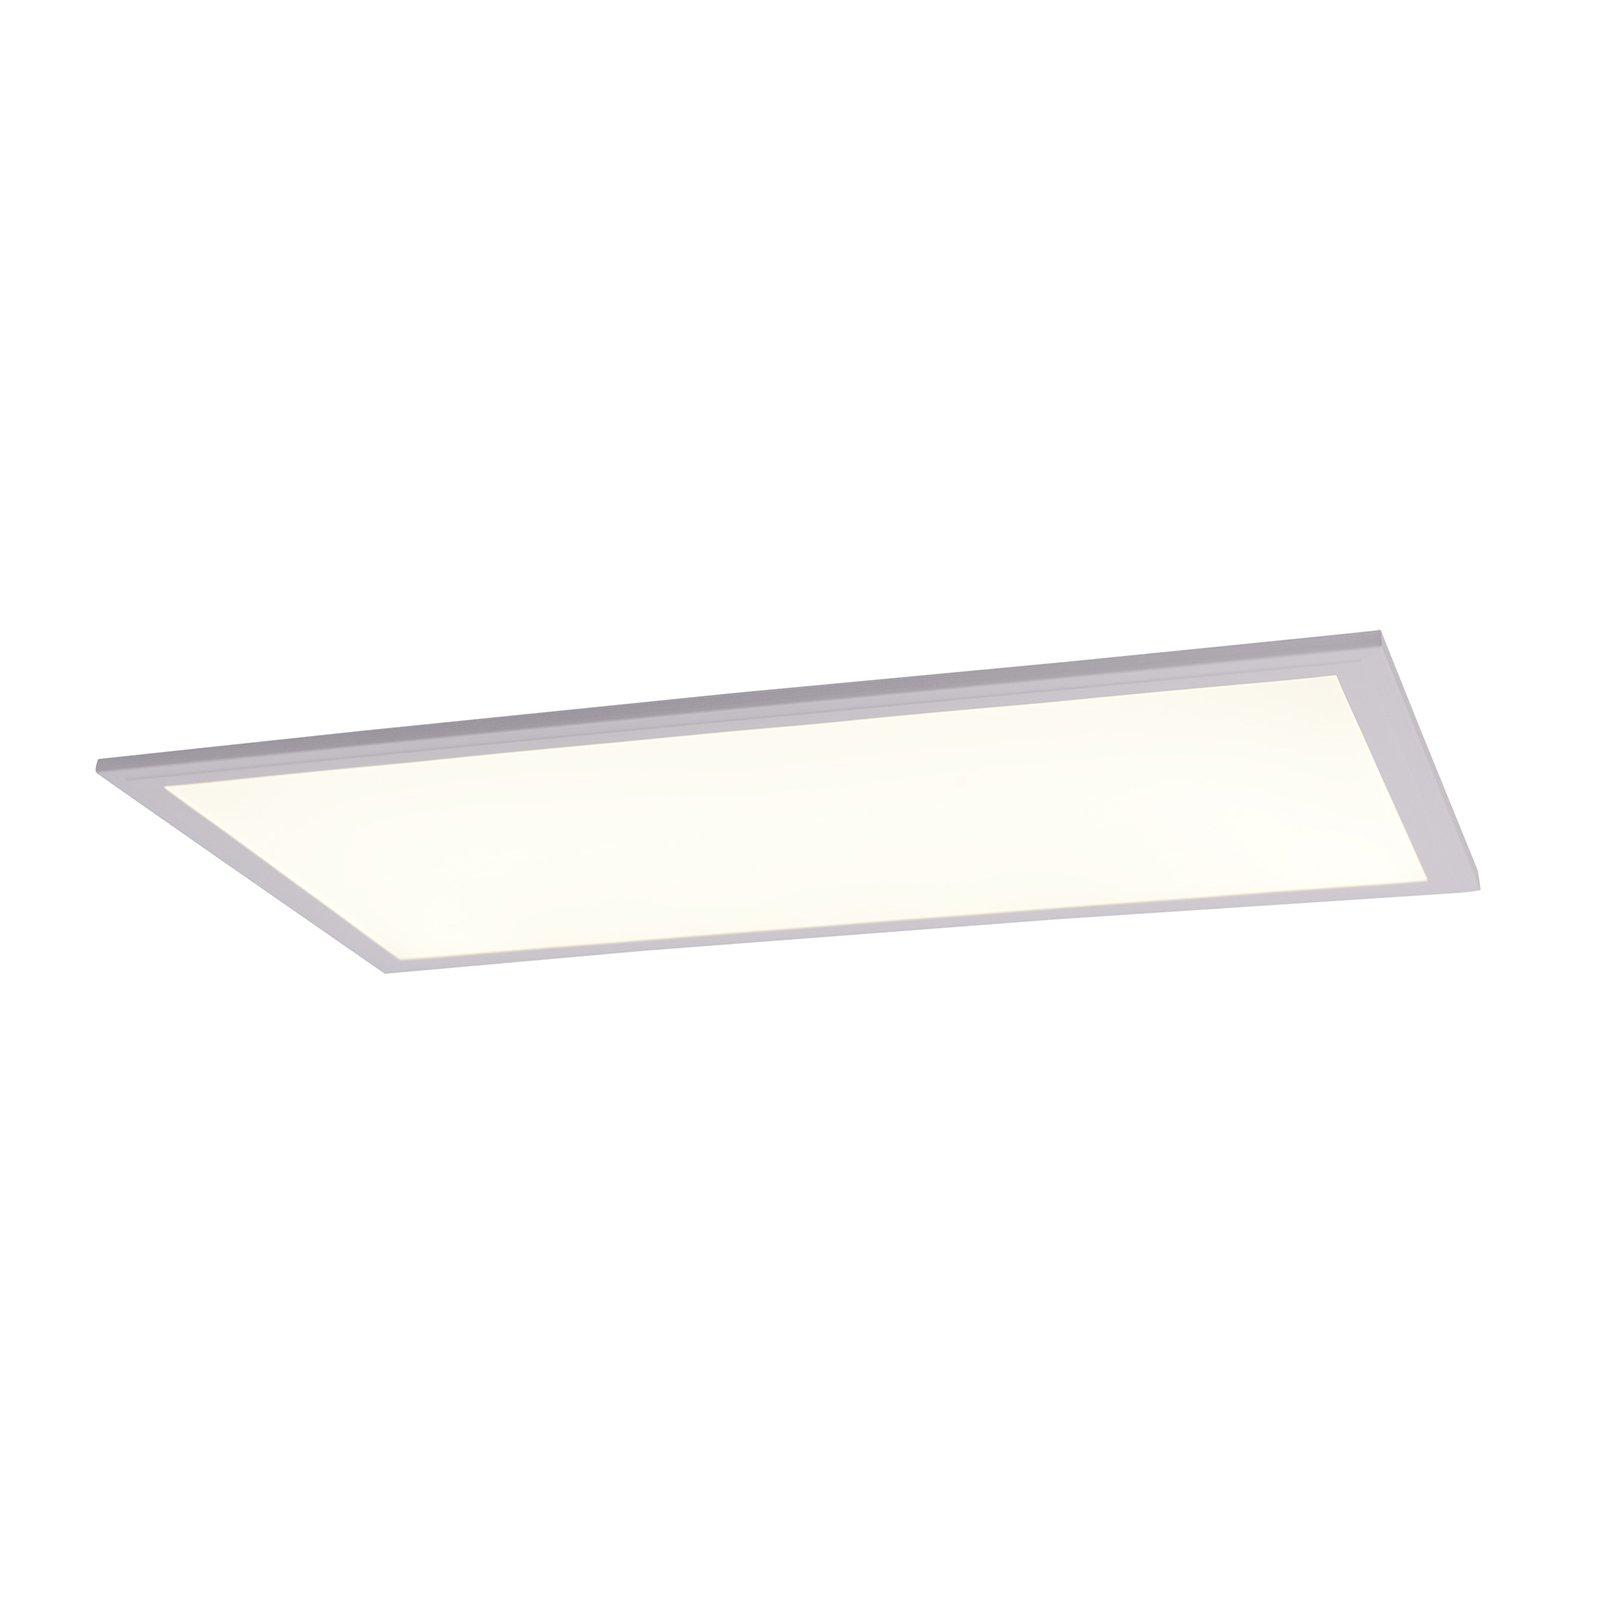 LED-panel 1298003 for på- eller innmont, 60x30 cm